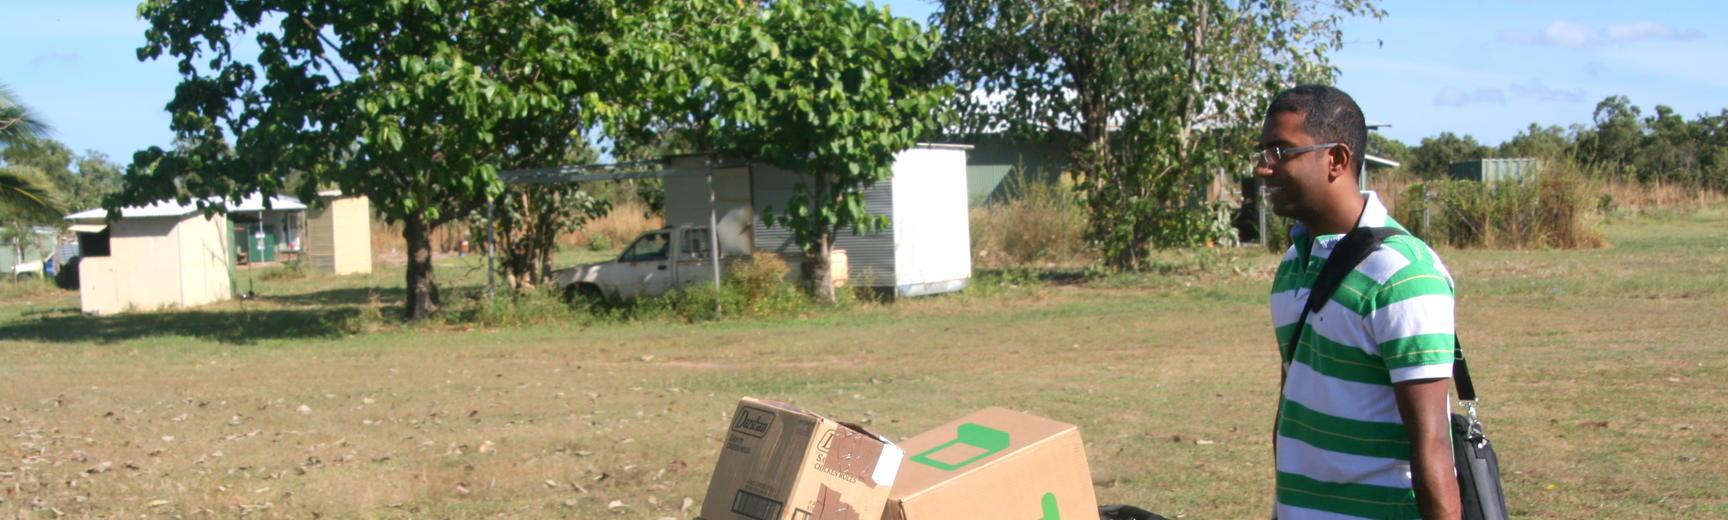 Rangan Srikhanta holding wheelbarrow full of boxes